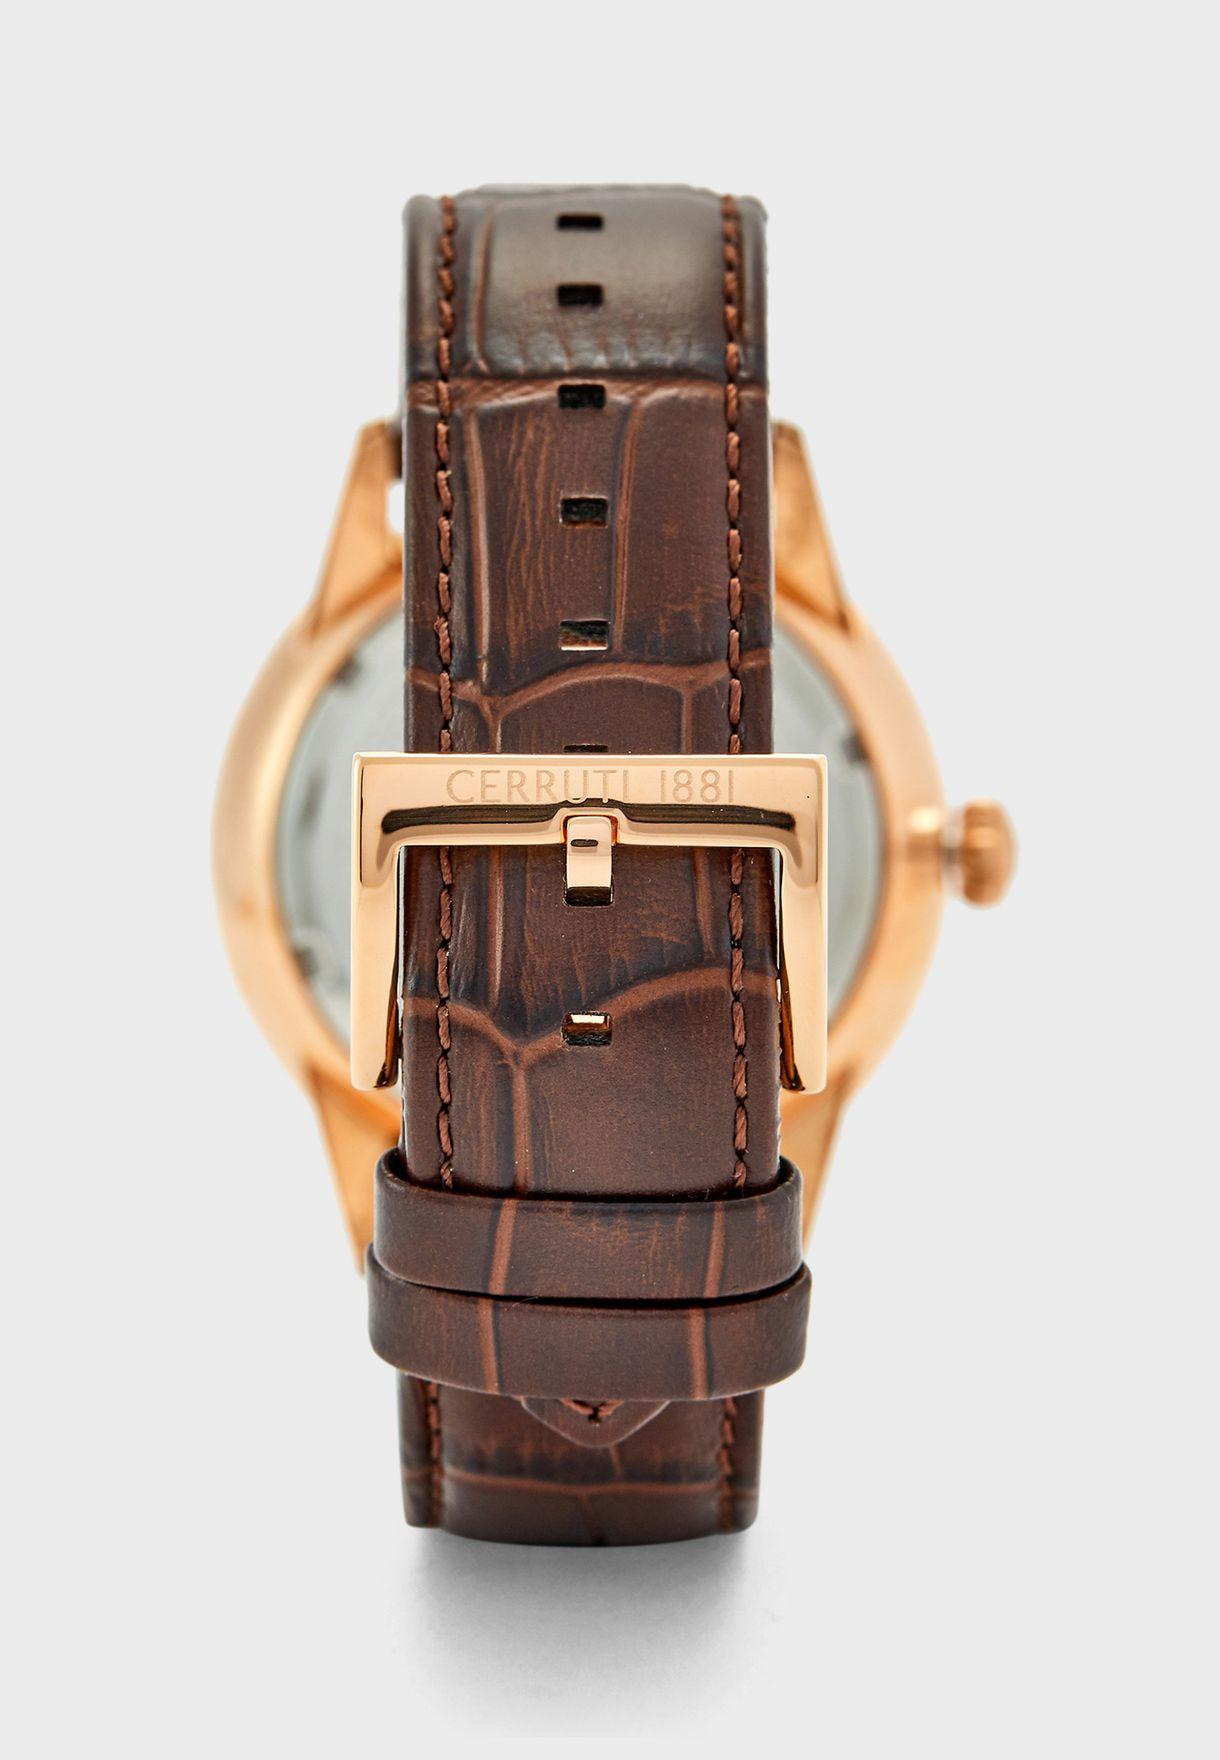 C CRWA26405 Albiano Watch